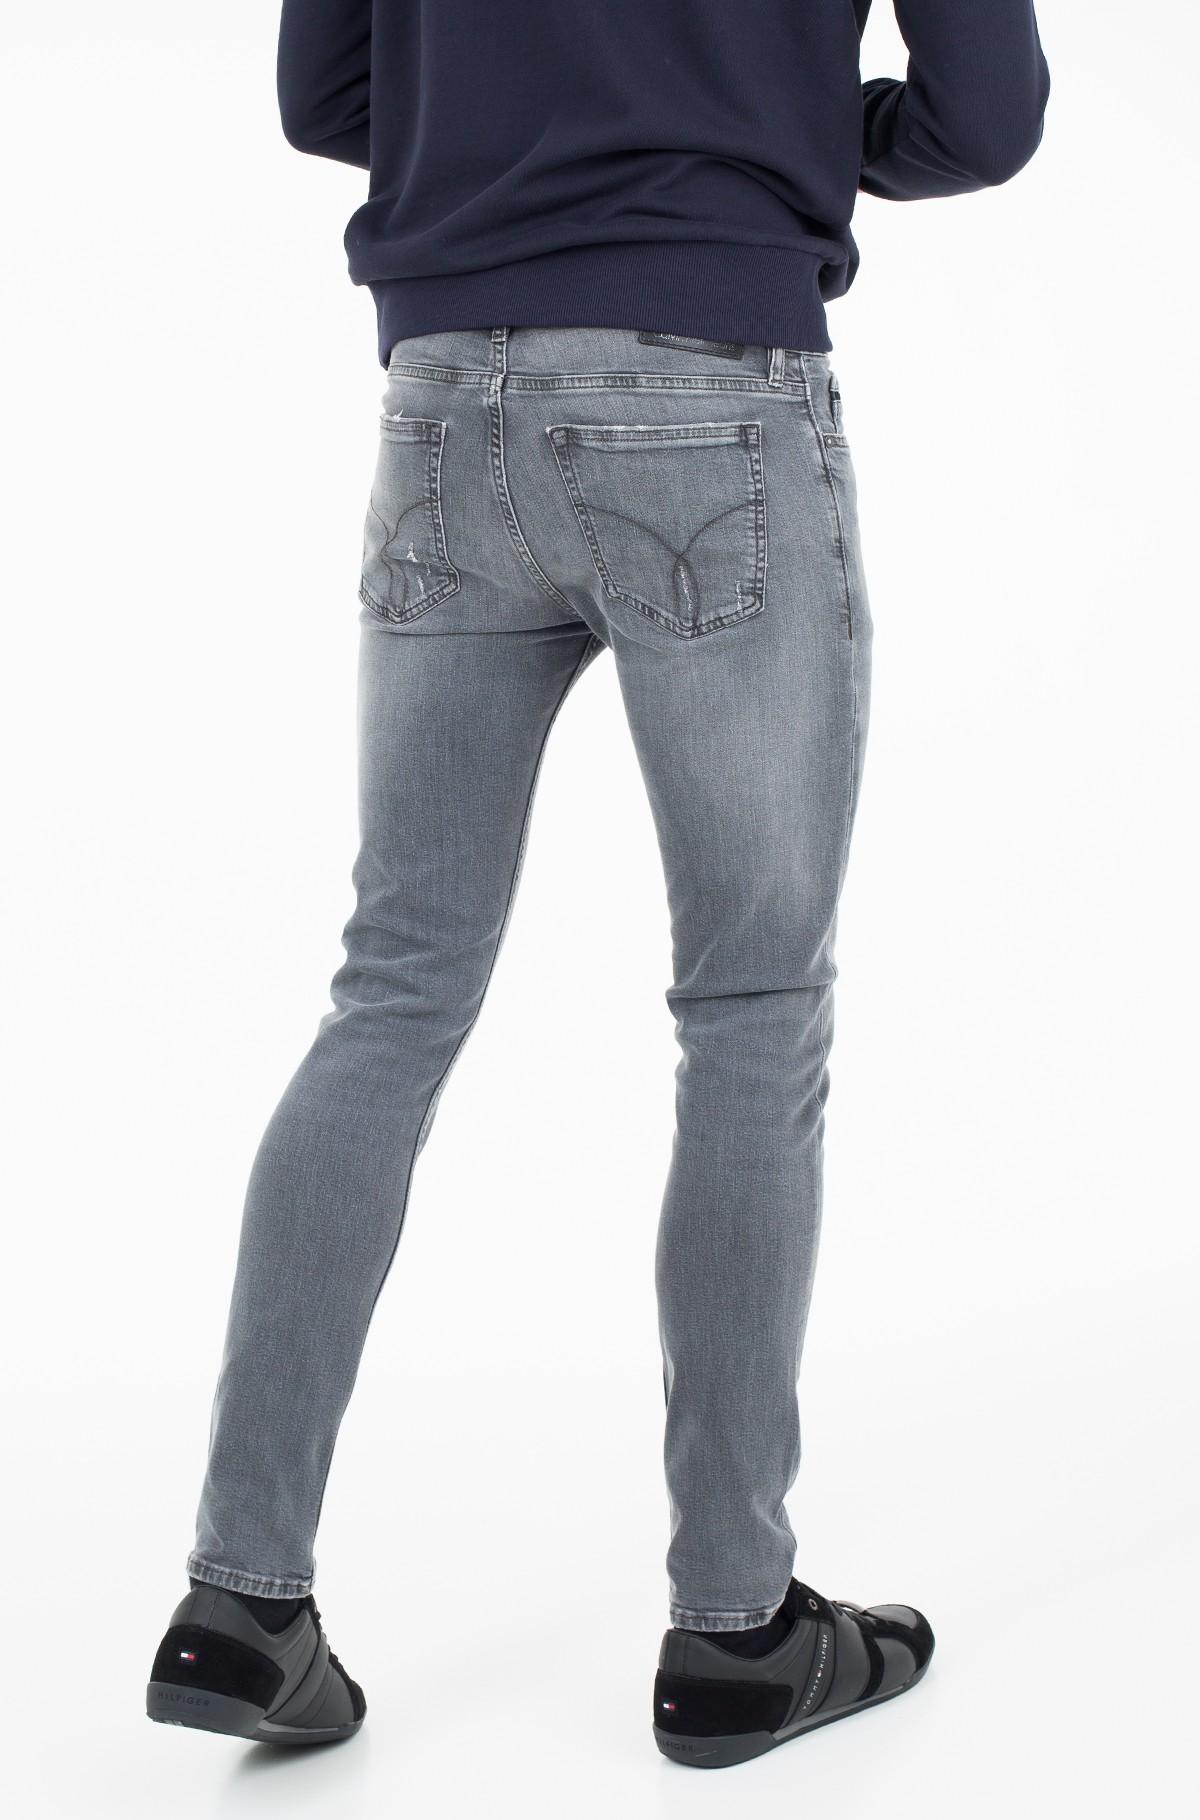 Džinsinės kelnės Skinny - Battle Grey-full-2